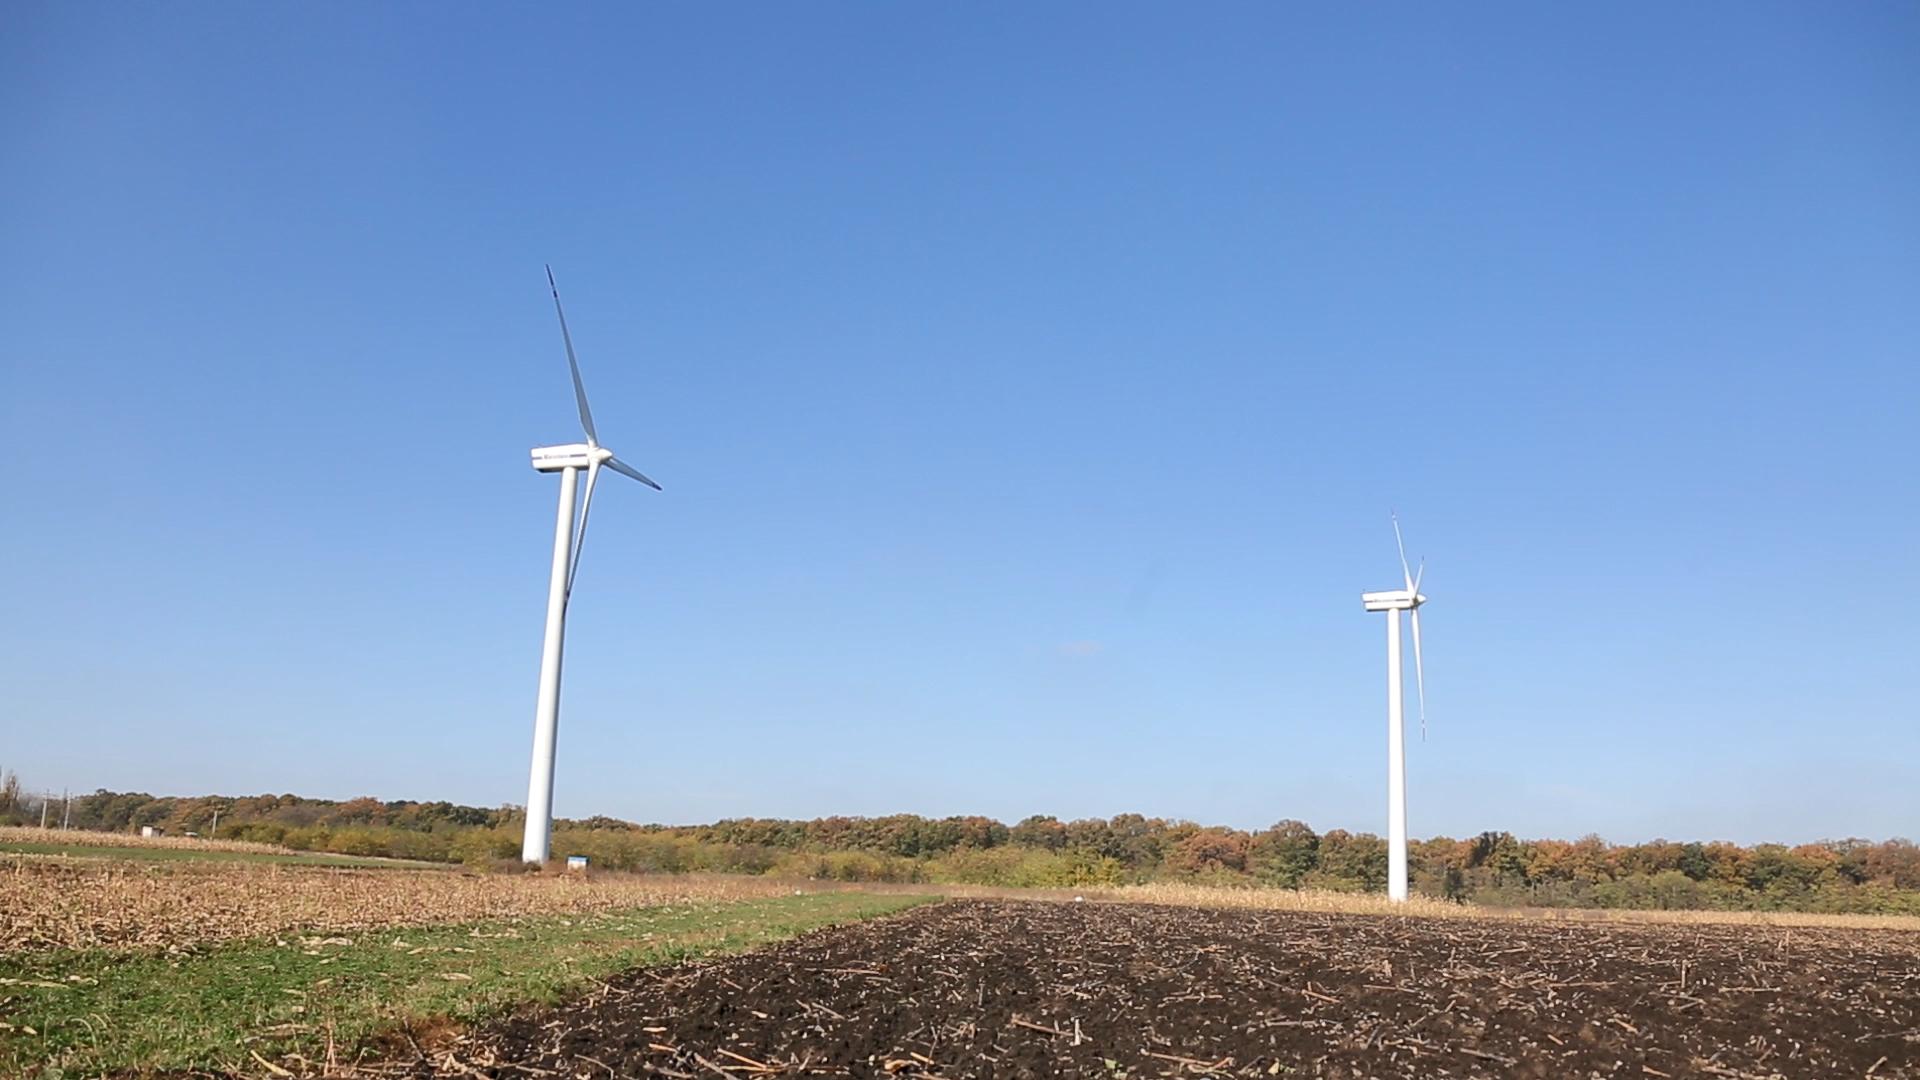 Invitație la discuție: cum dezvoltăm economia verde în Moldova